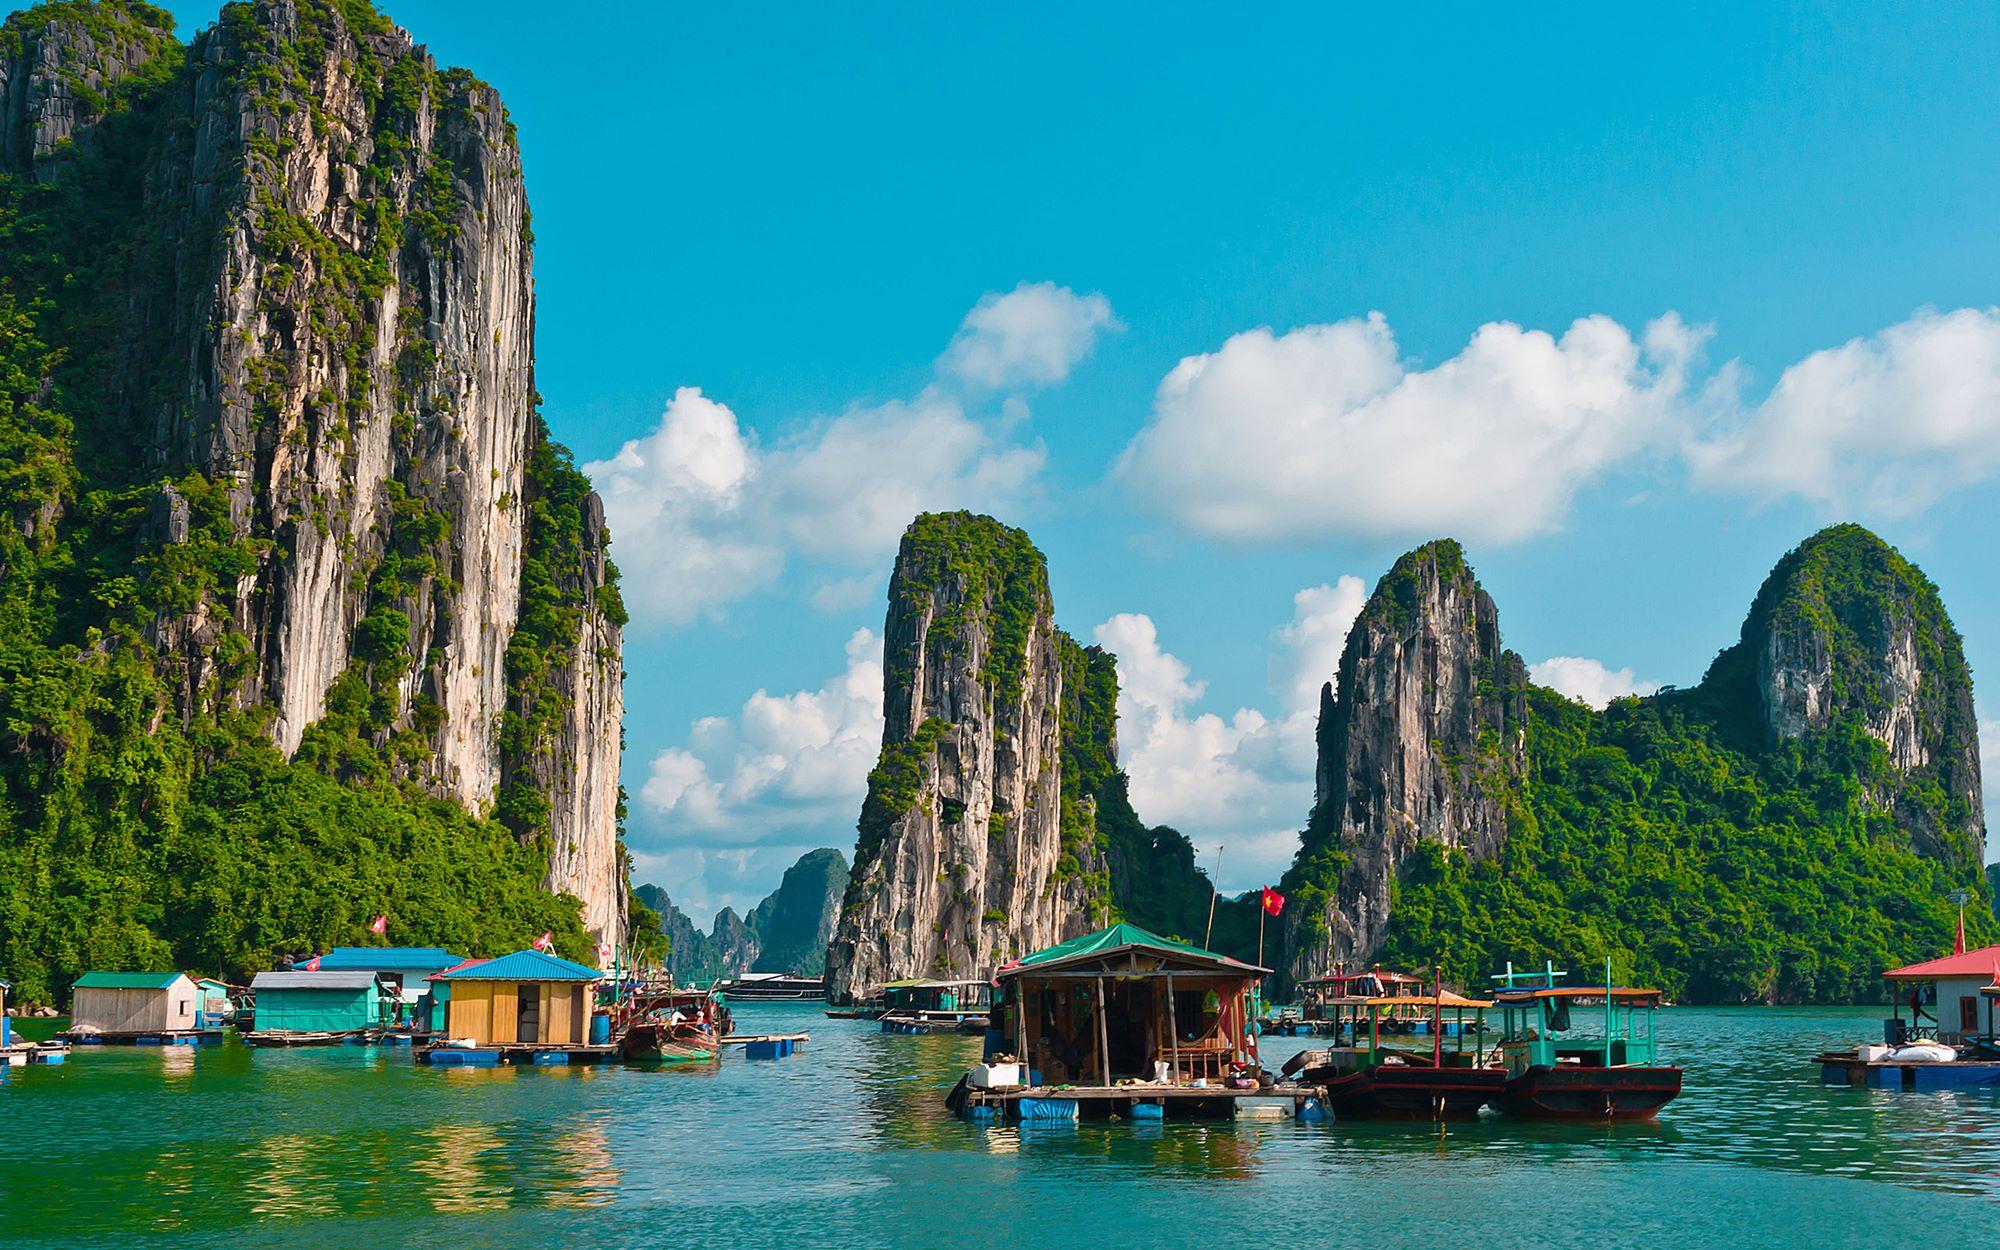 Photo via Best Price Travel